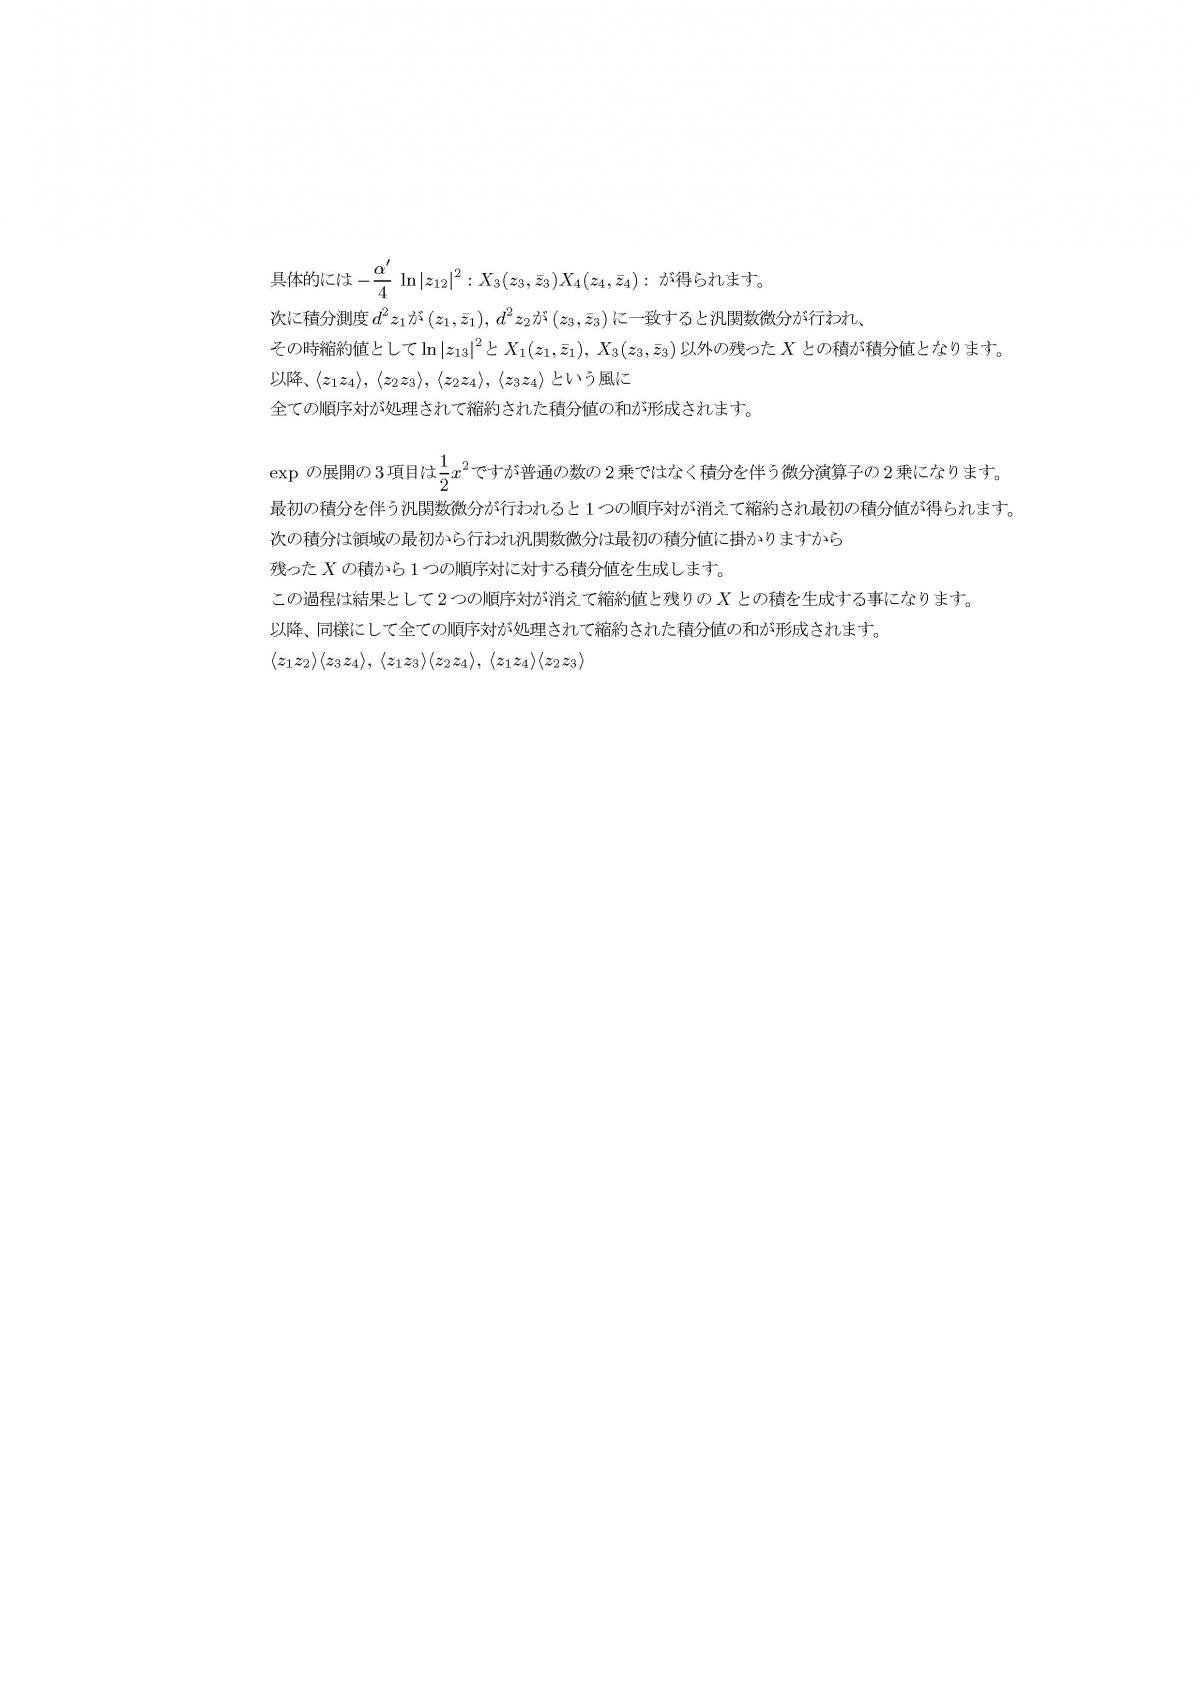 pgen29b.jpg